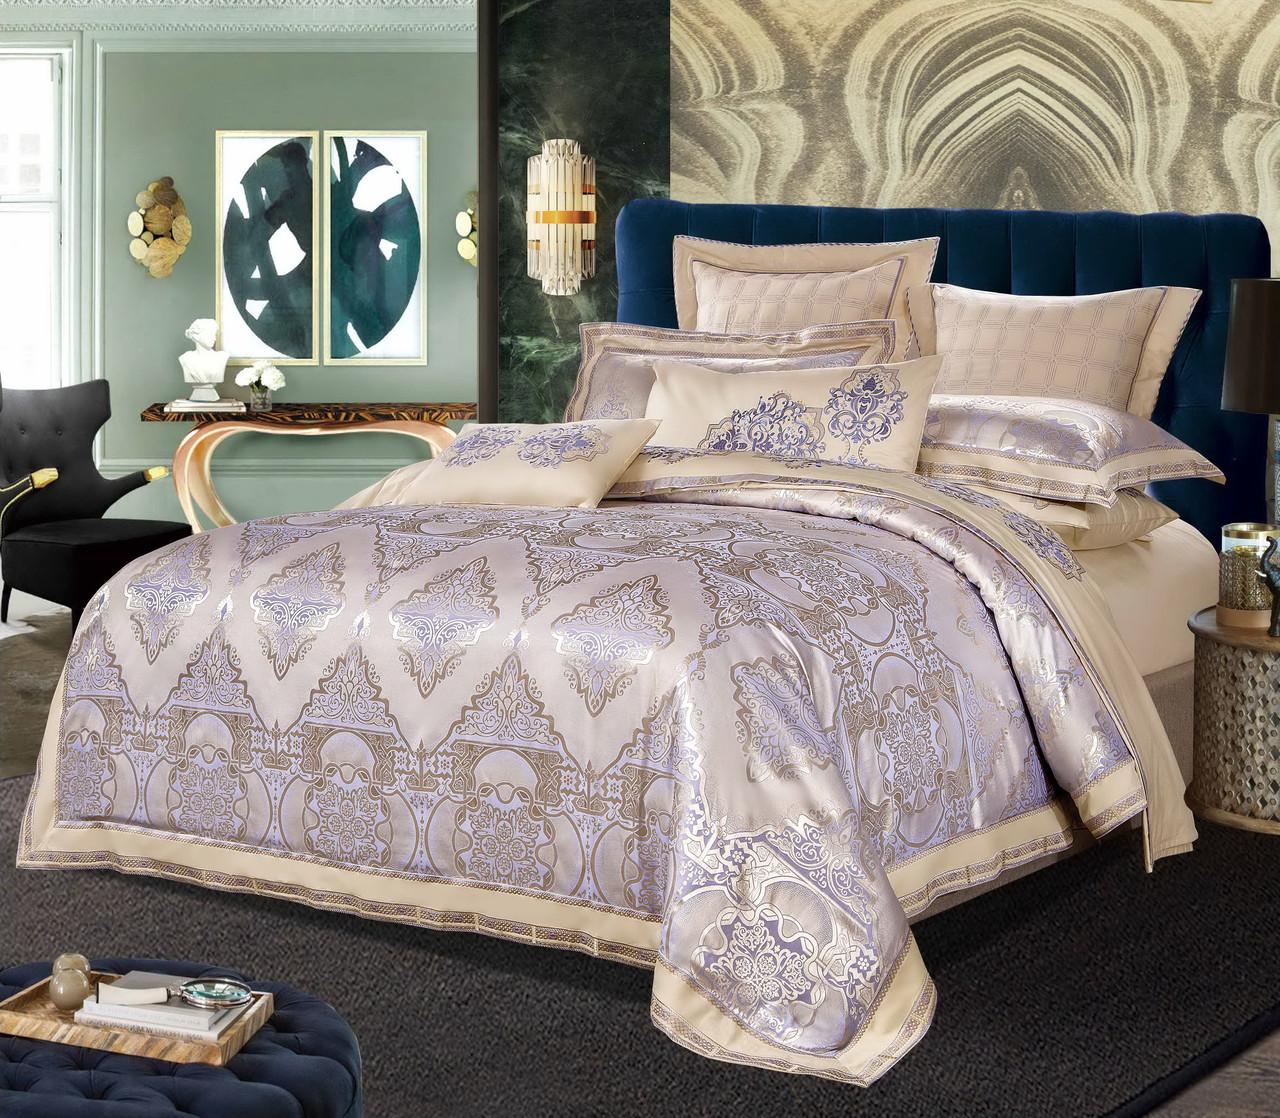 Комплект постельного белья Bella Villa Евро сатин жаккард бежево-фиолетовый с кружевом